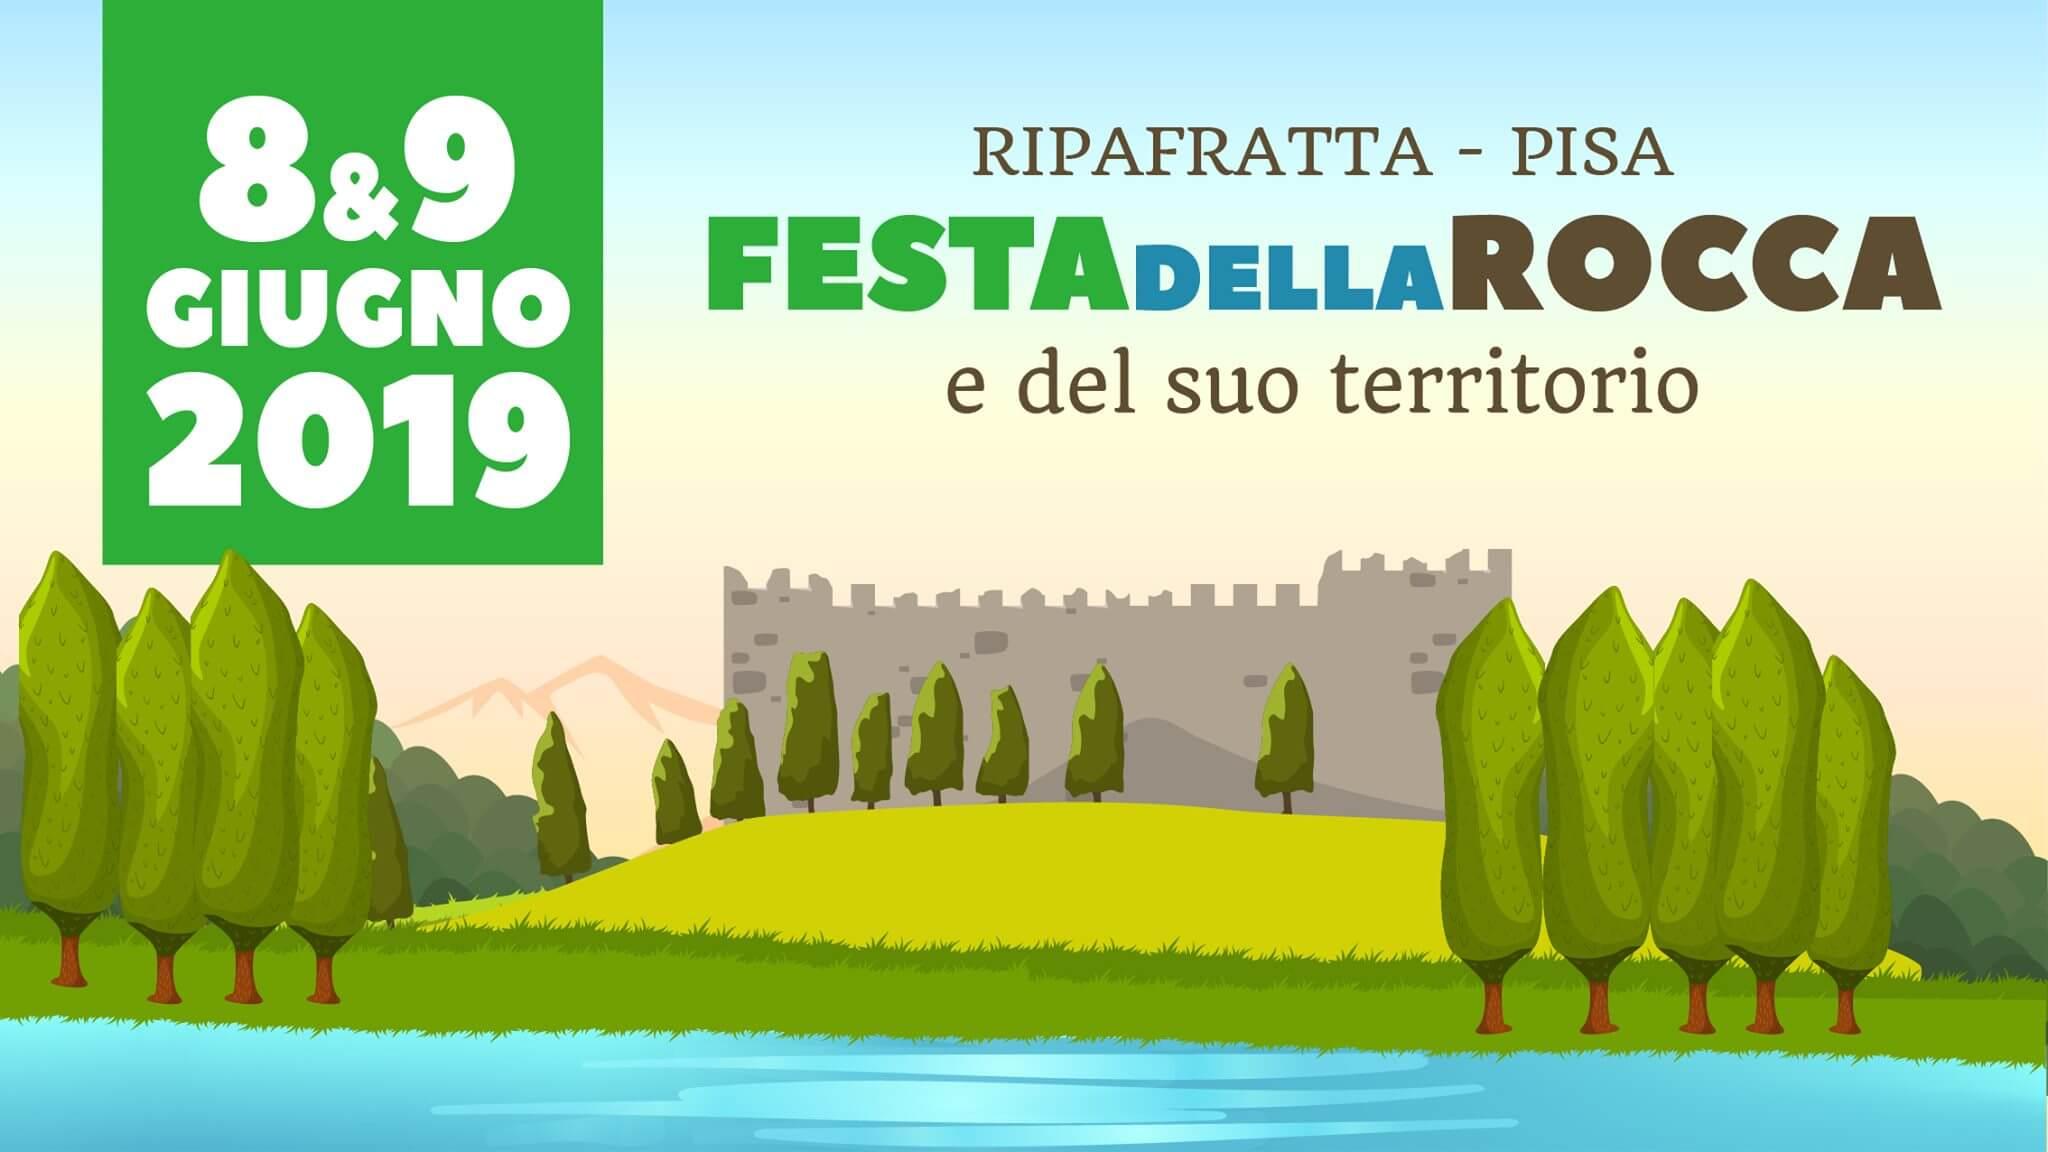 8-9 GIUGNO 2019: Festa della Rocca e del suo territorio